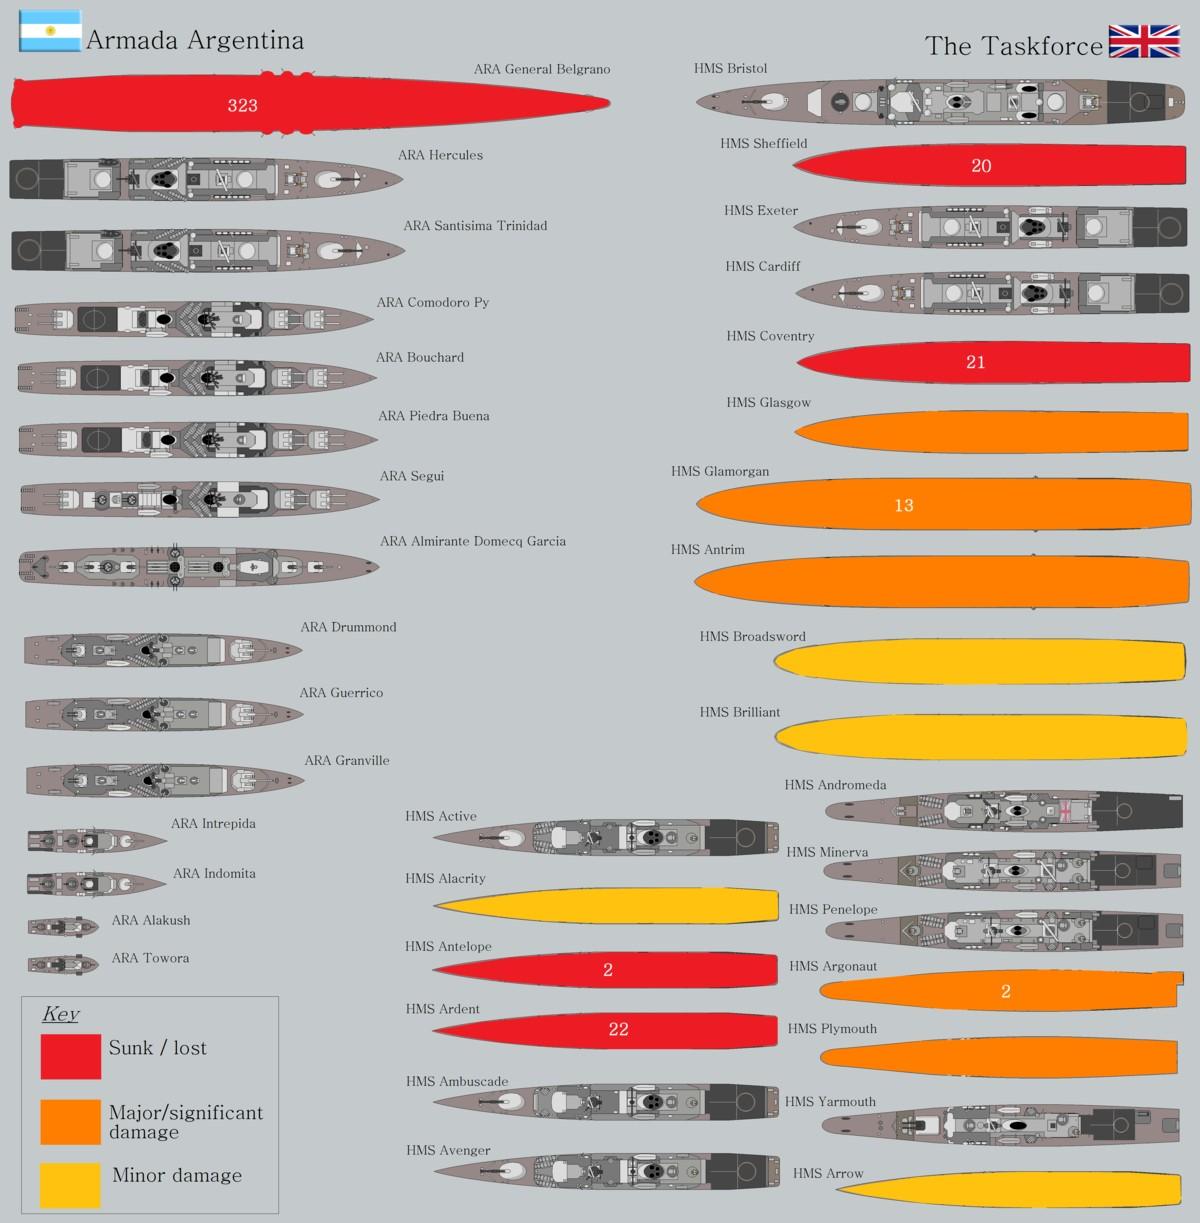 ara-versus-royal-navy-losses